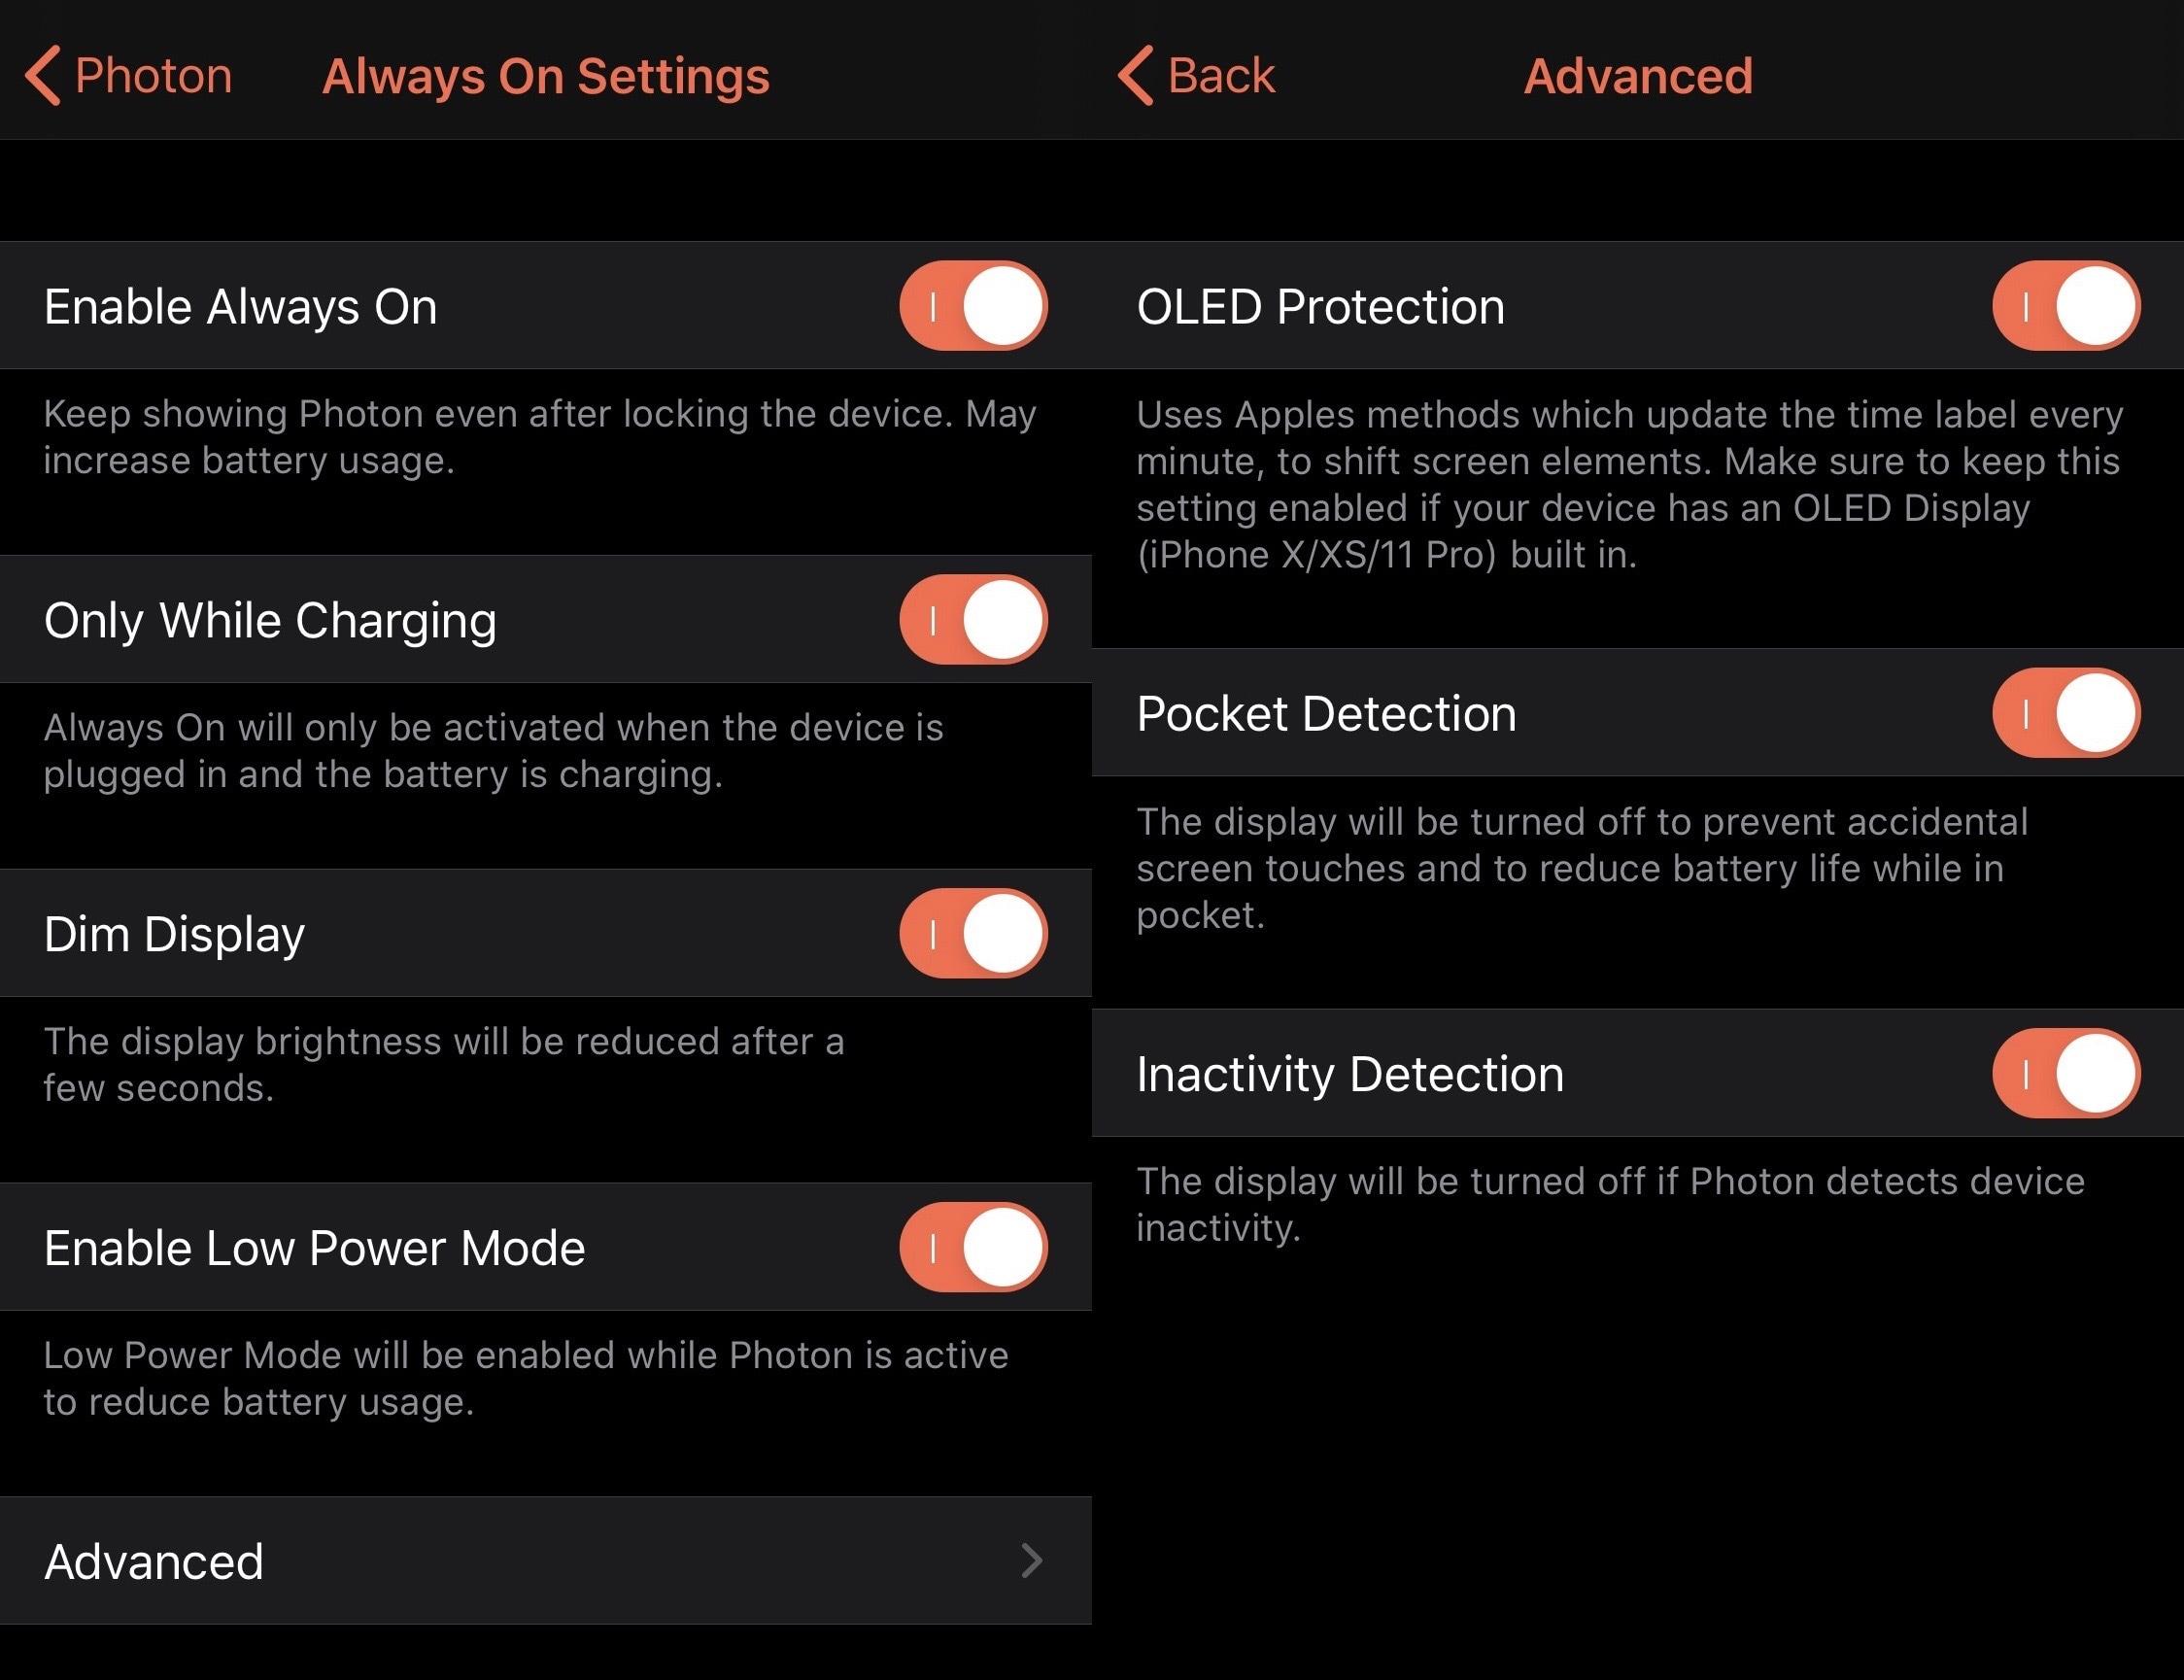 Photon cung cấp màn hình xung quanh cho các thiết bị iOS 13 đã jailbreak 5